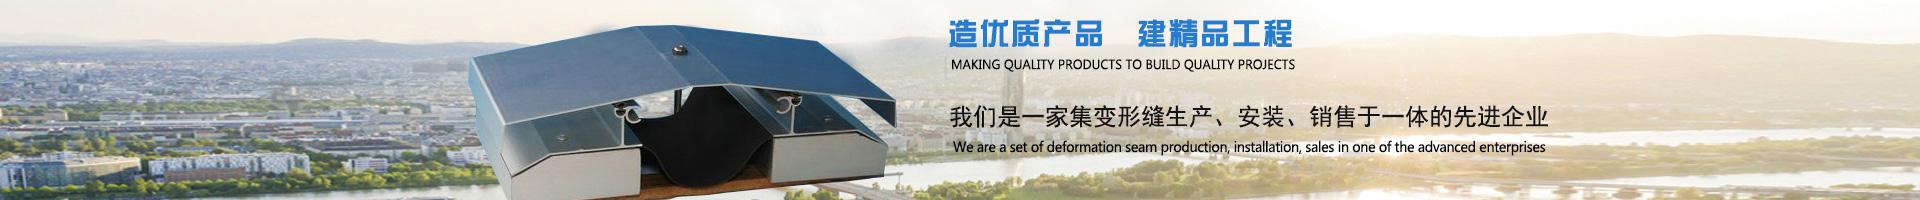 杭州变形缝